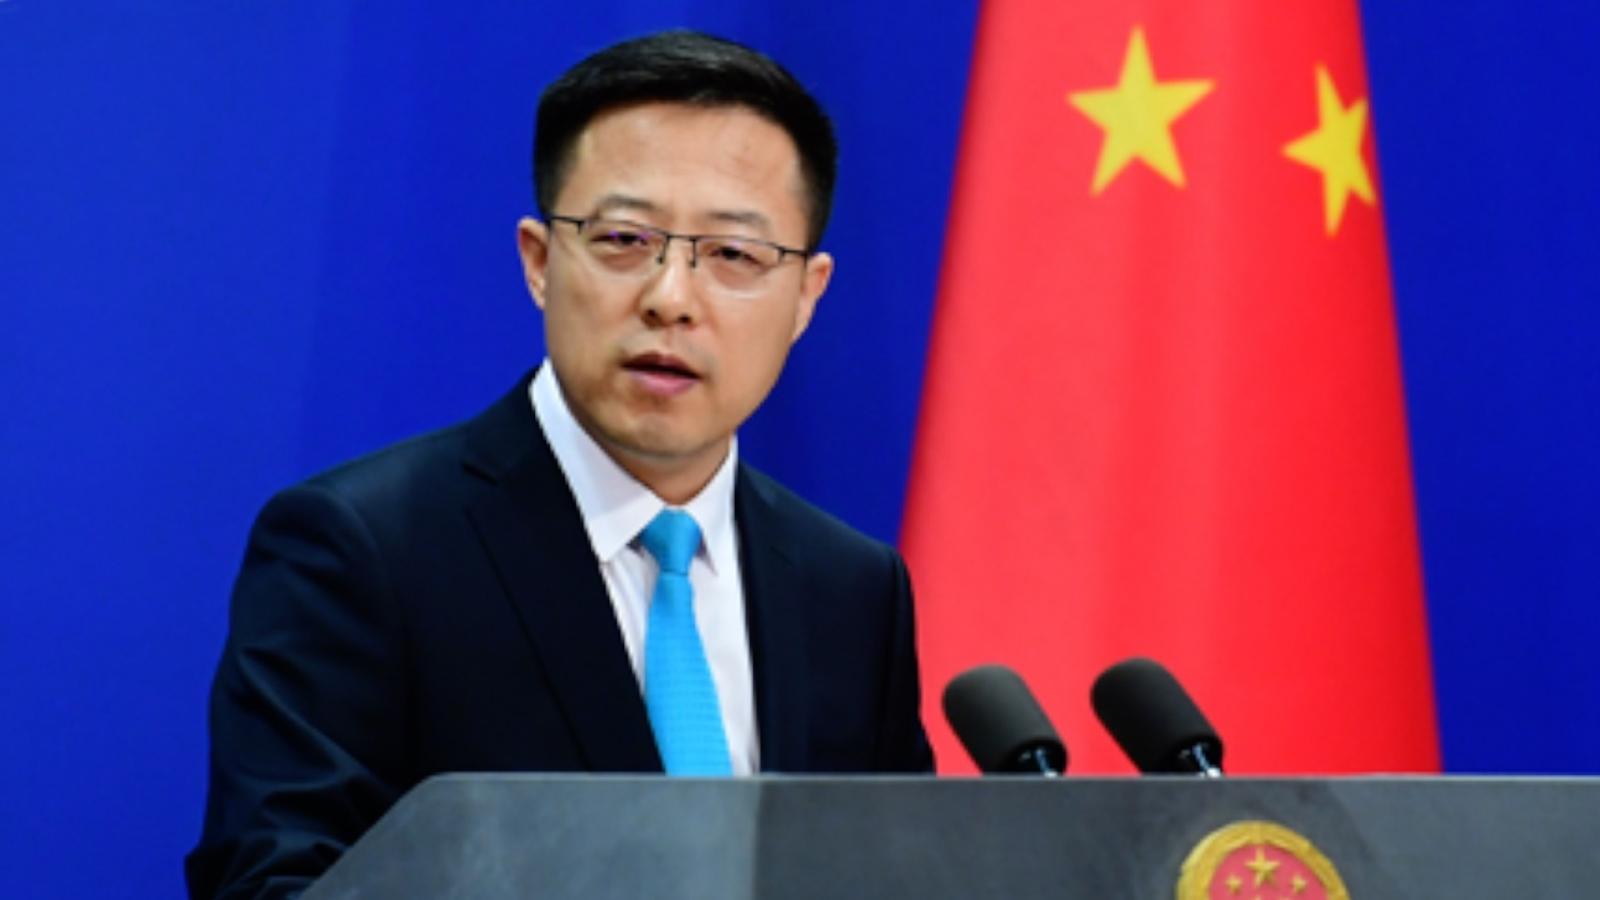 """Trung Quốc gọi hành động xảnước thải hạt nhân của Nhật Bản là """"cực kỳ vị kỷ"""""""